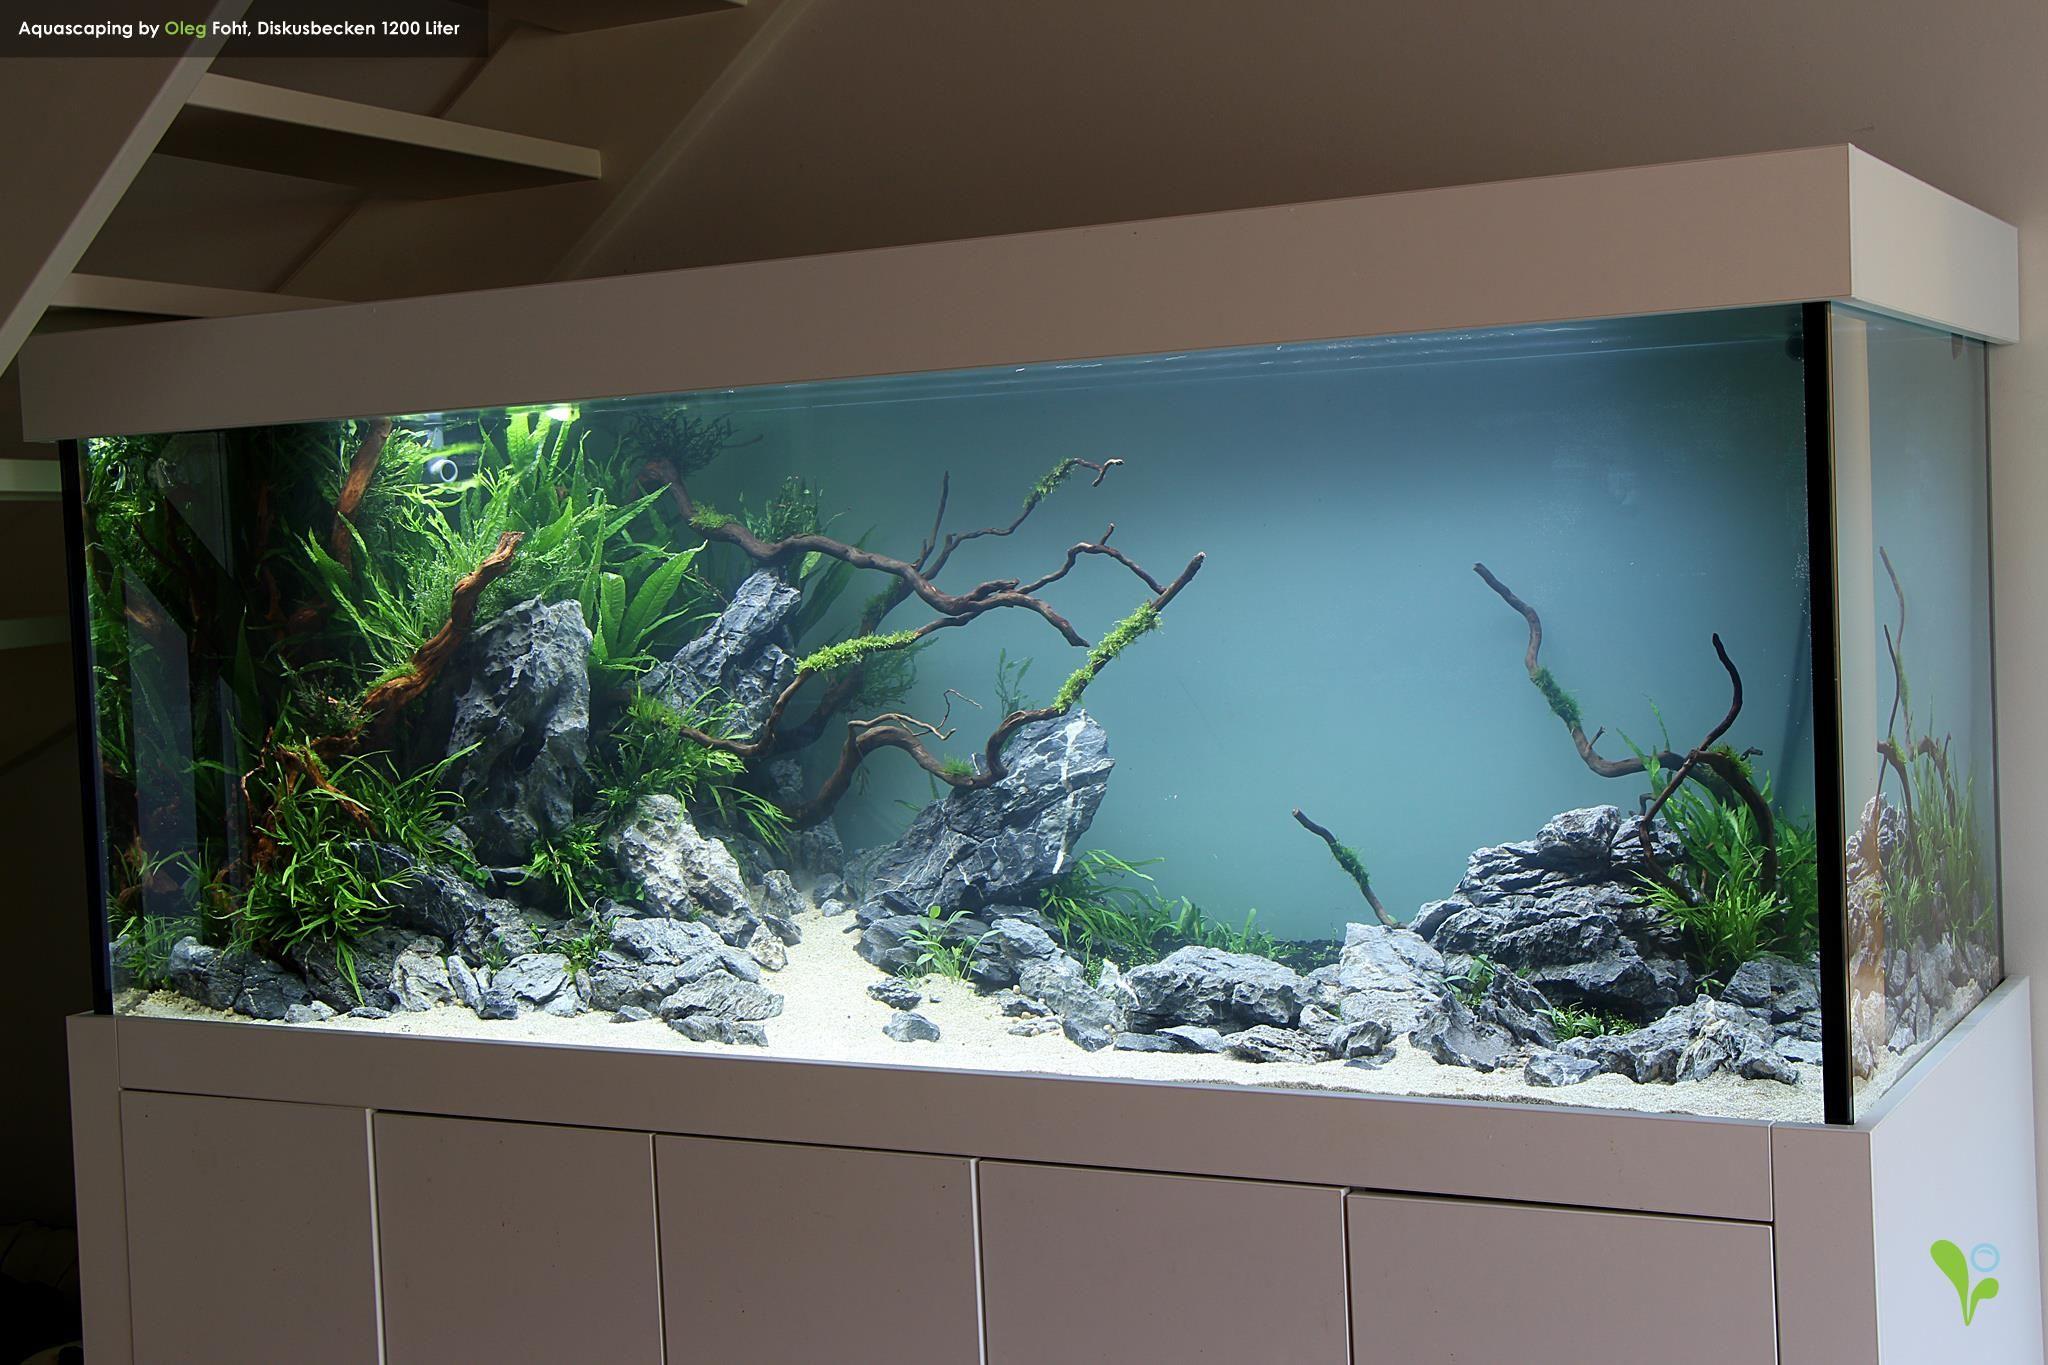 e92ba3b40210eb5ce840795febfeac44 Frais De Jbl Aquarium Conception